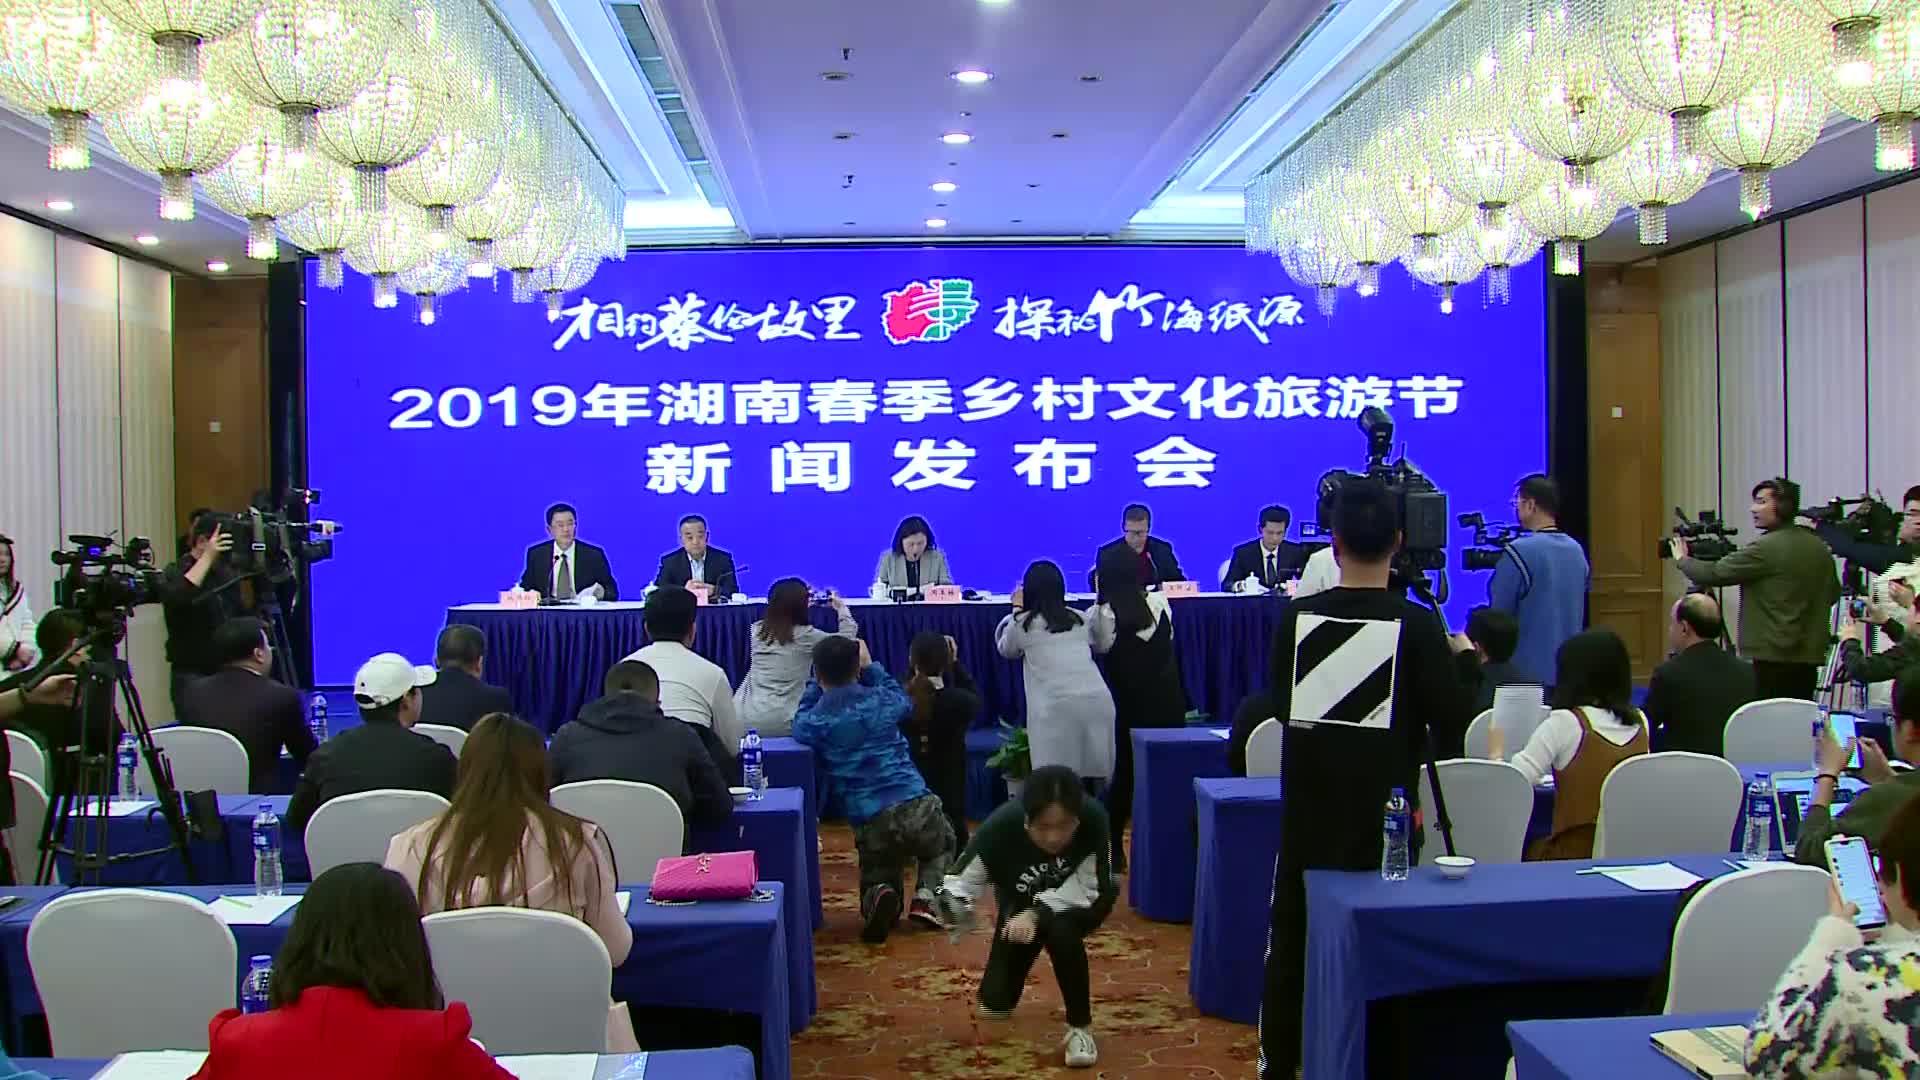 【全程回放】2019年湖南春季乡村文化旅游节新闻发布会